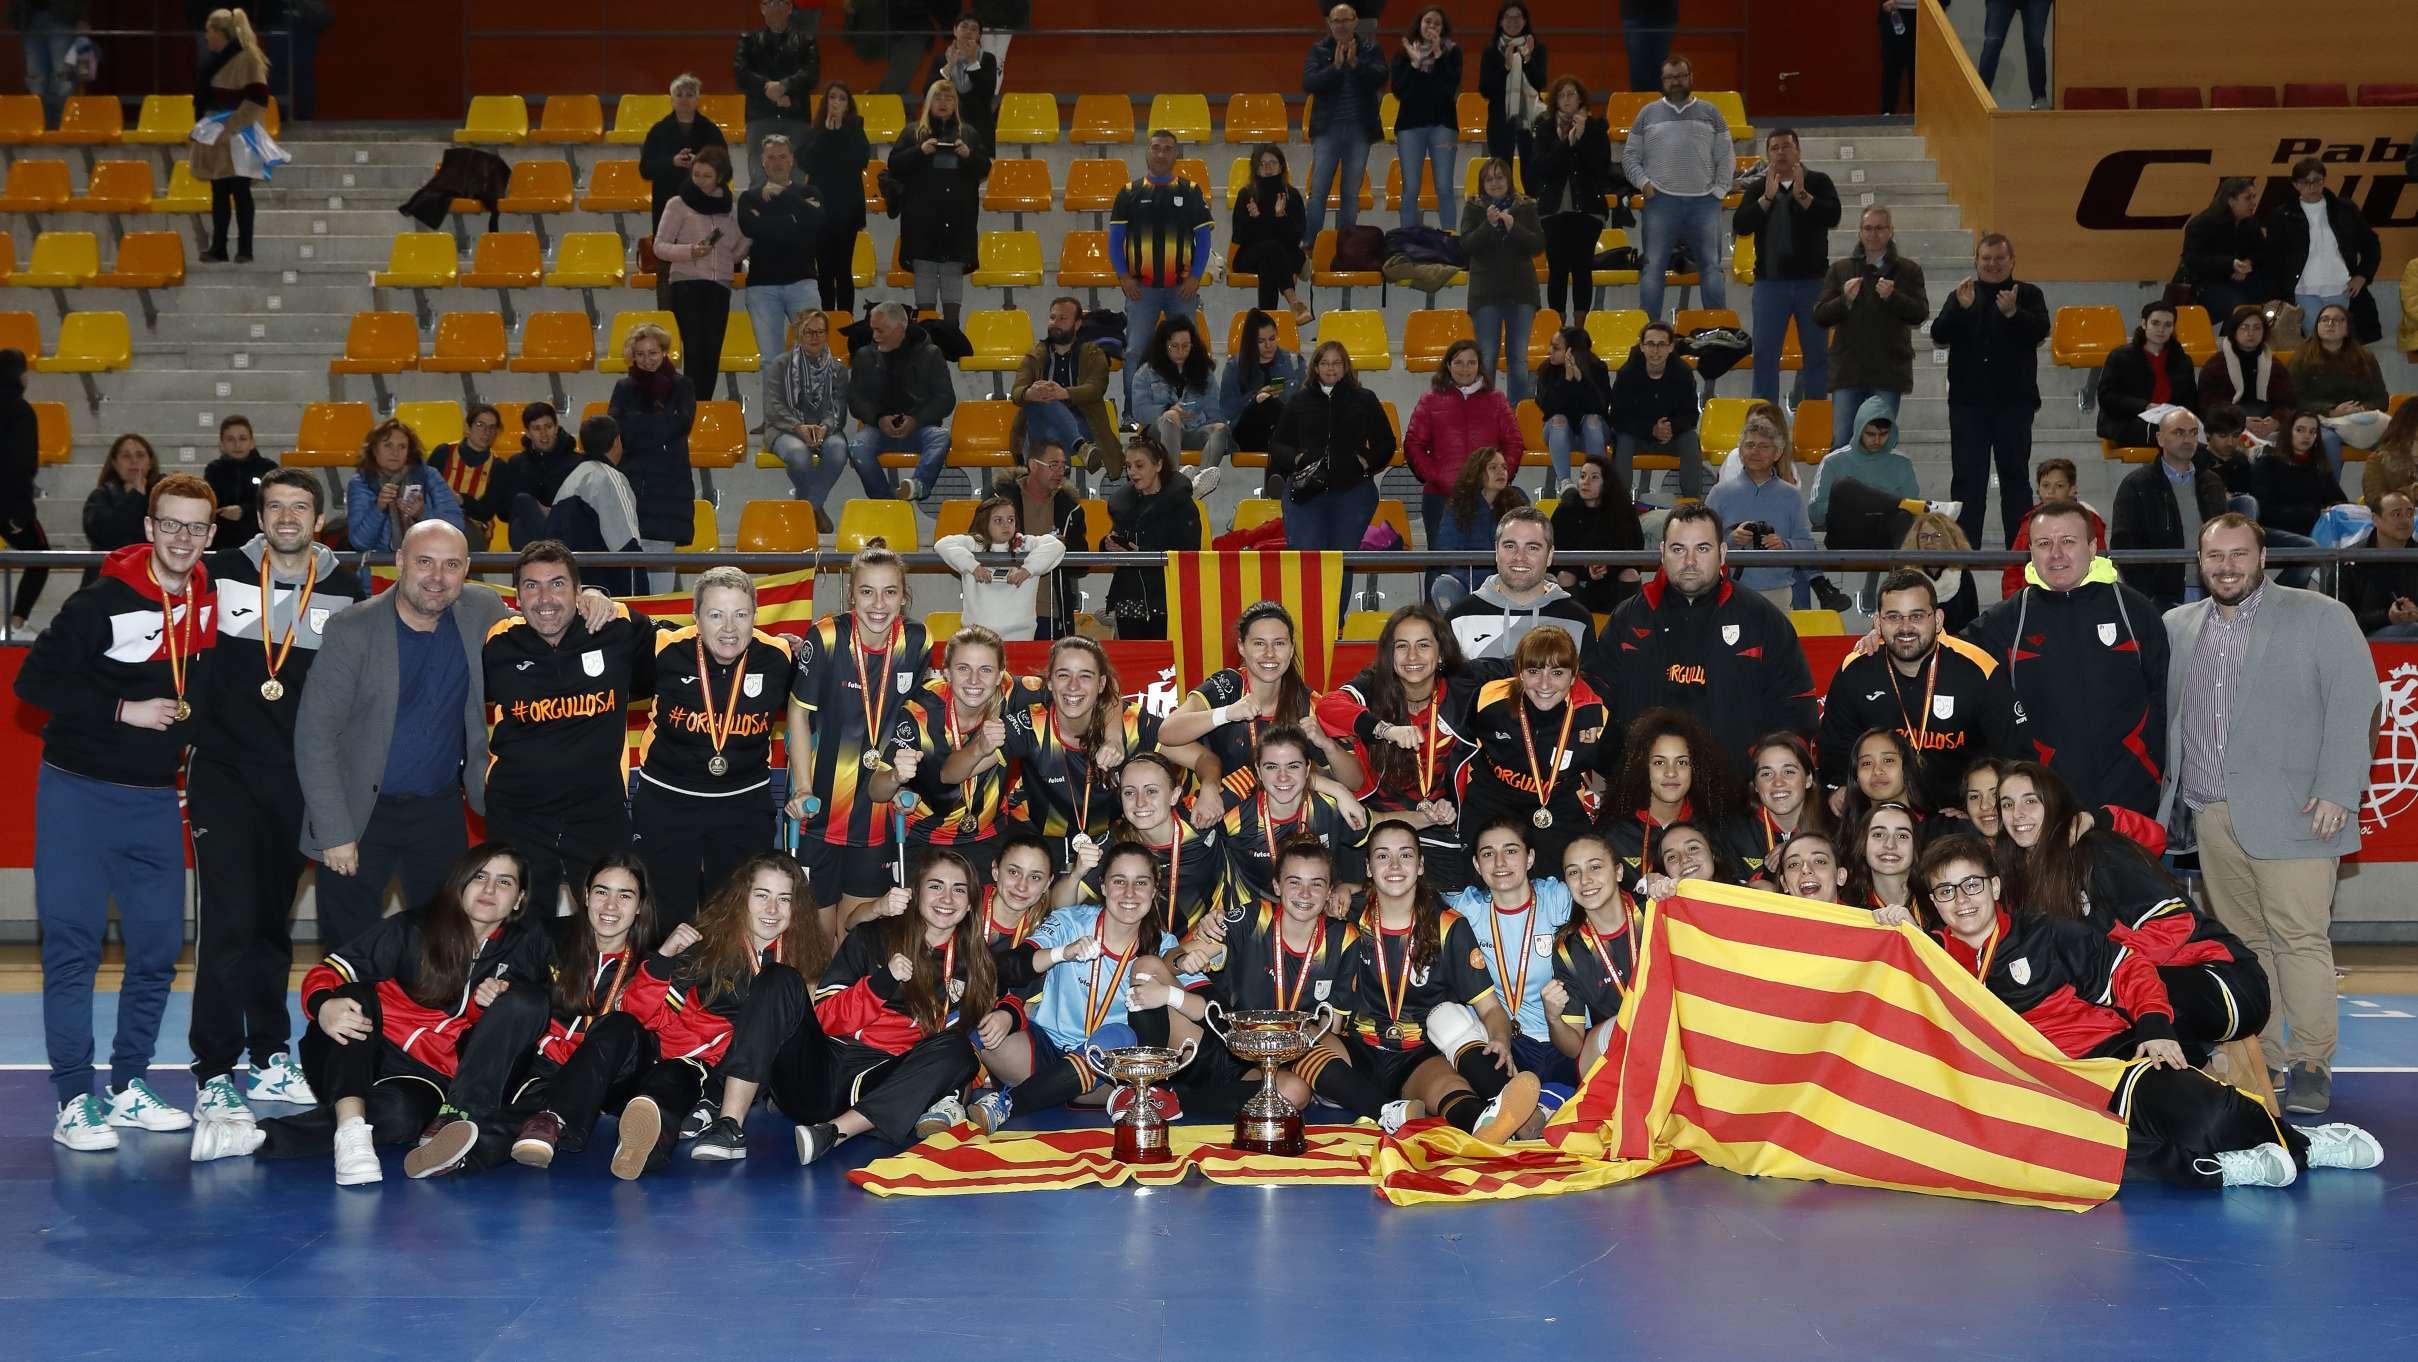 Muni I Riscos Campiones D'Espanya, I Dani, Gómez I Tremps, Subcampiones!!! || ¡¡¡Muni Y Riscos Campeonas De España, Y Dani, Gómez Y Tremps, Subcampeonas!!!